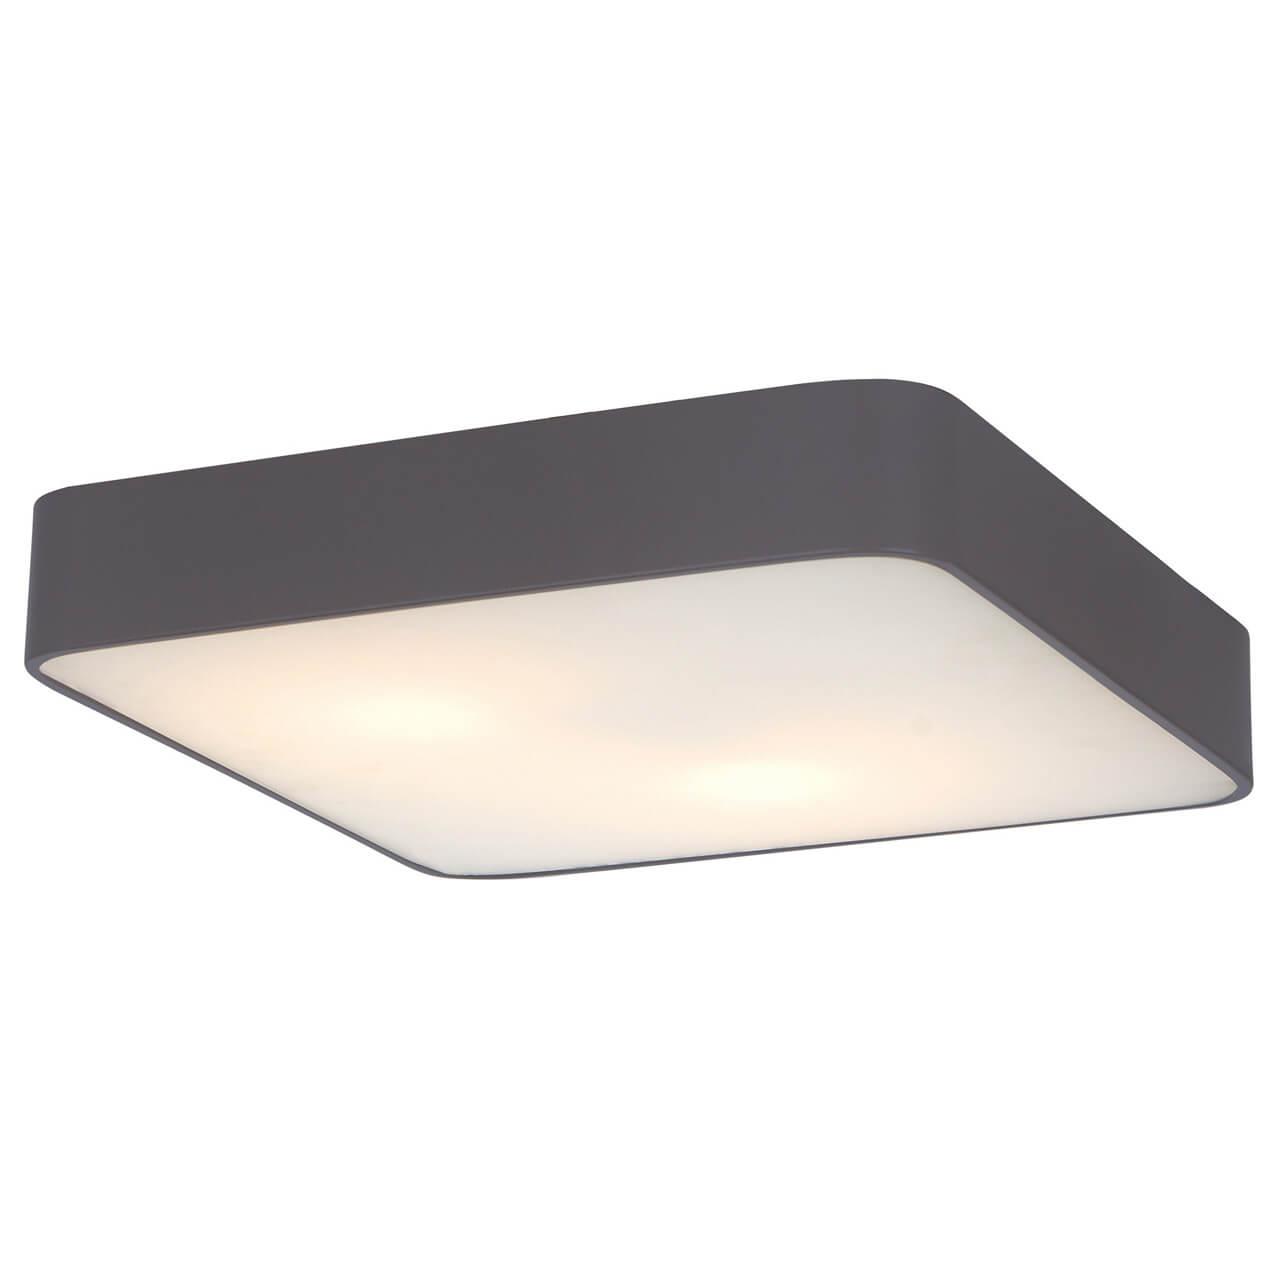 Потолочный светильник Arte Lamp Cosmopolitan A7210PL-3BK цены